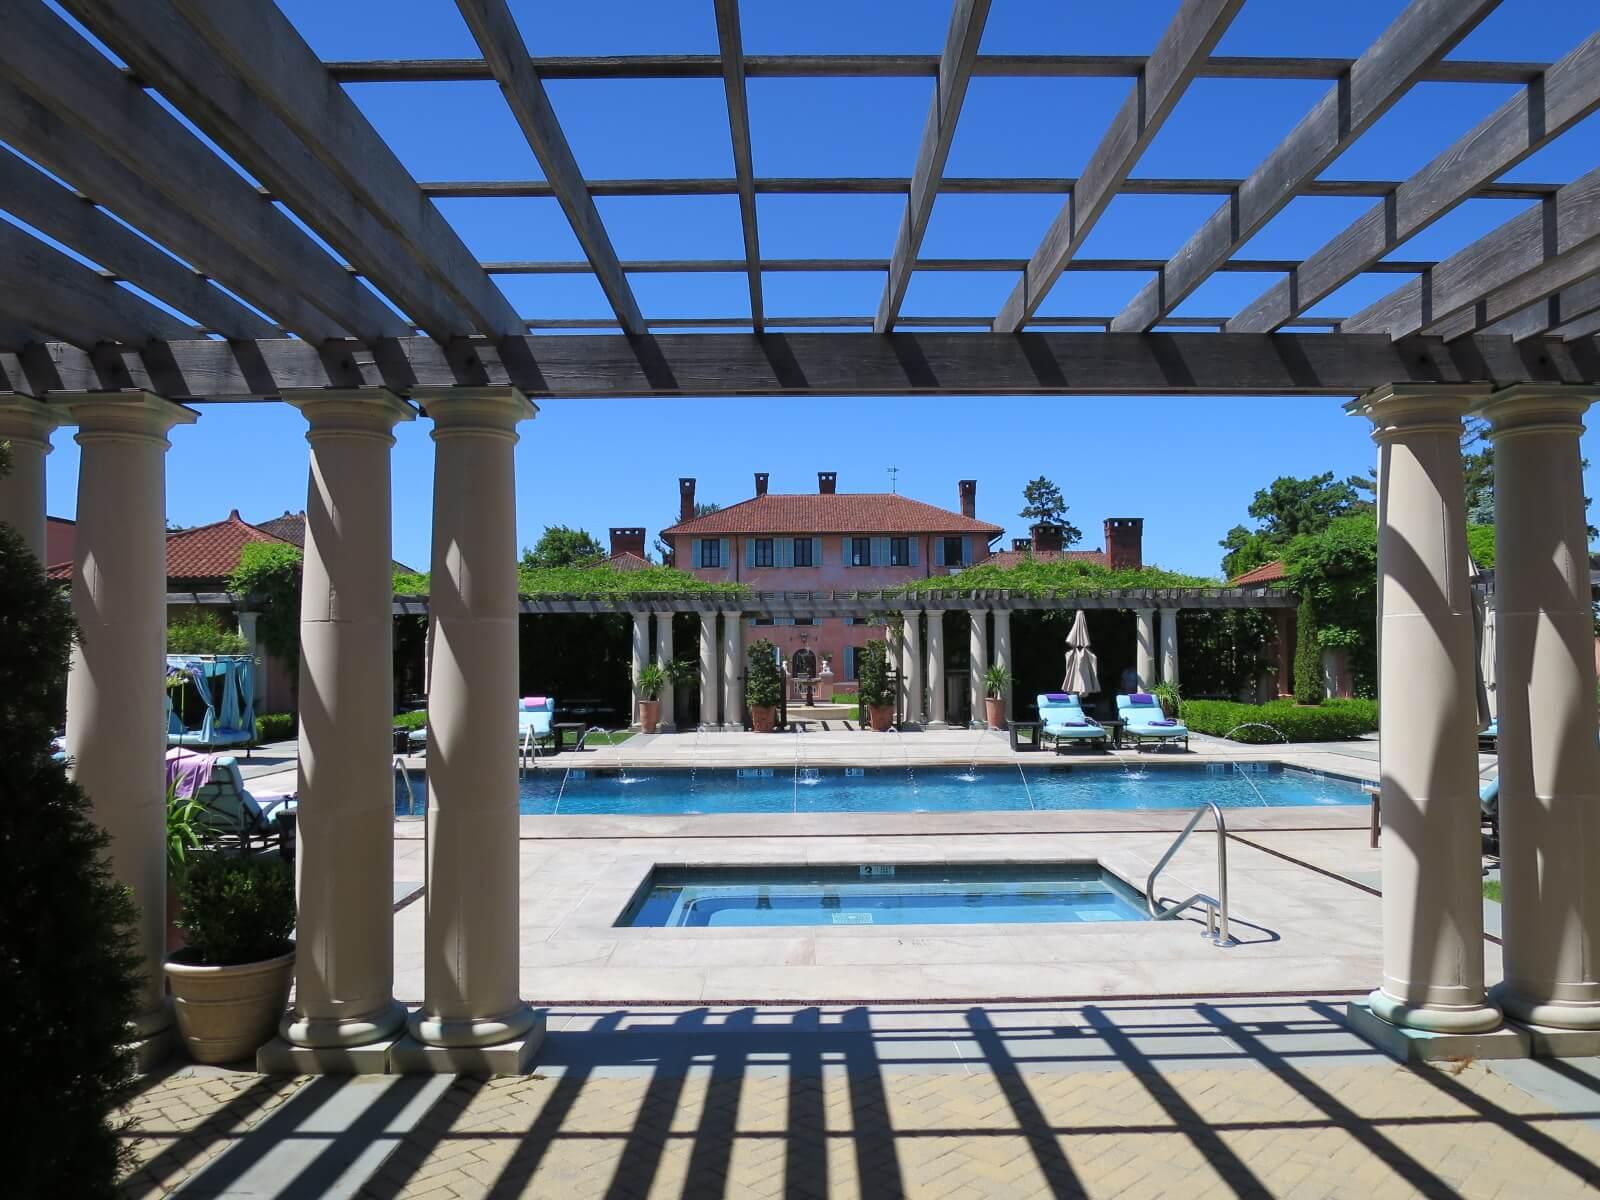 ⑬ グレンミア プール越しにホテル